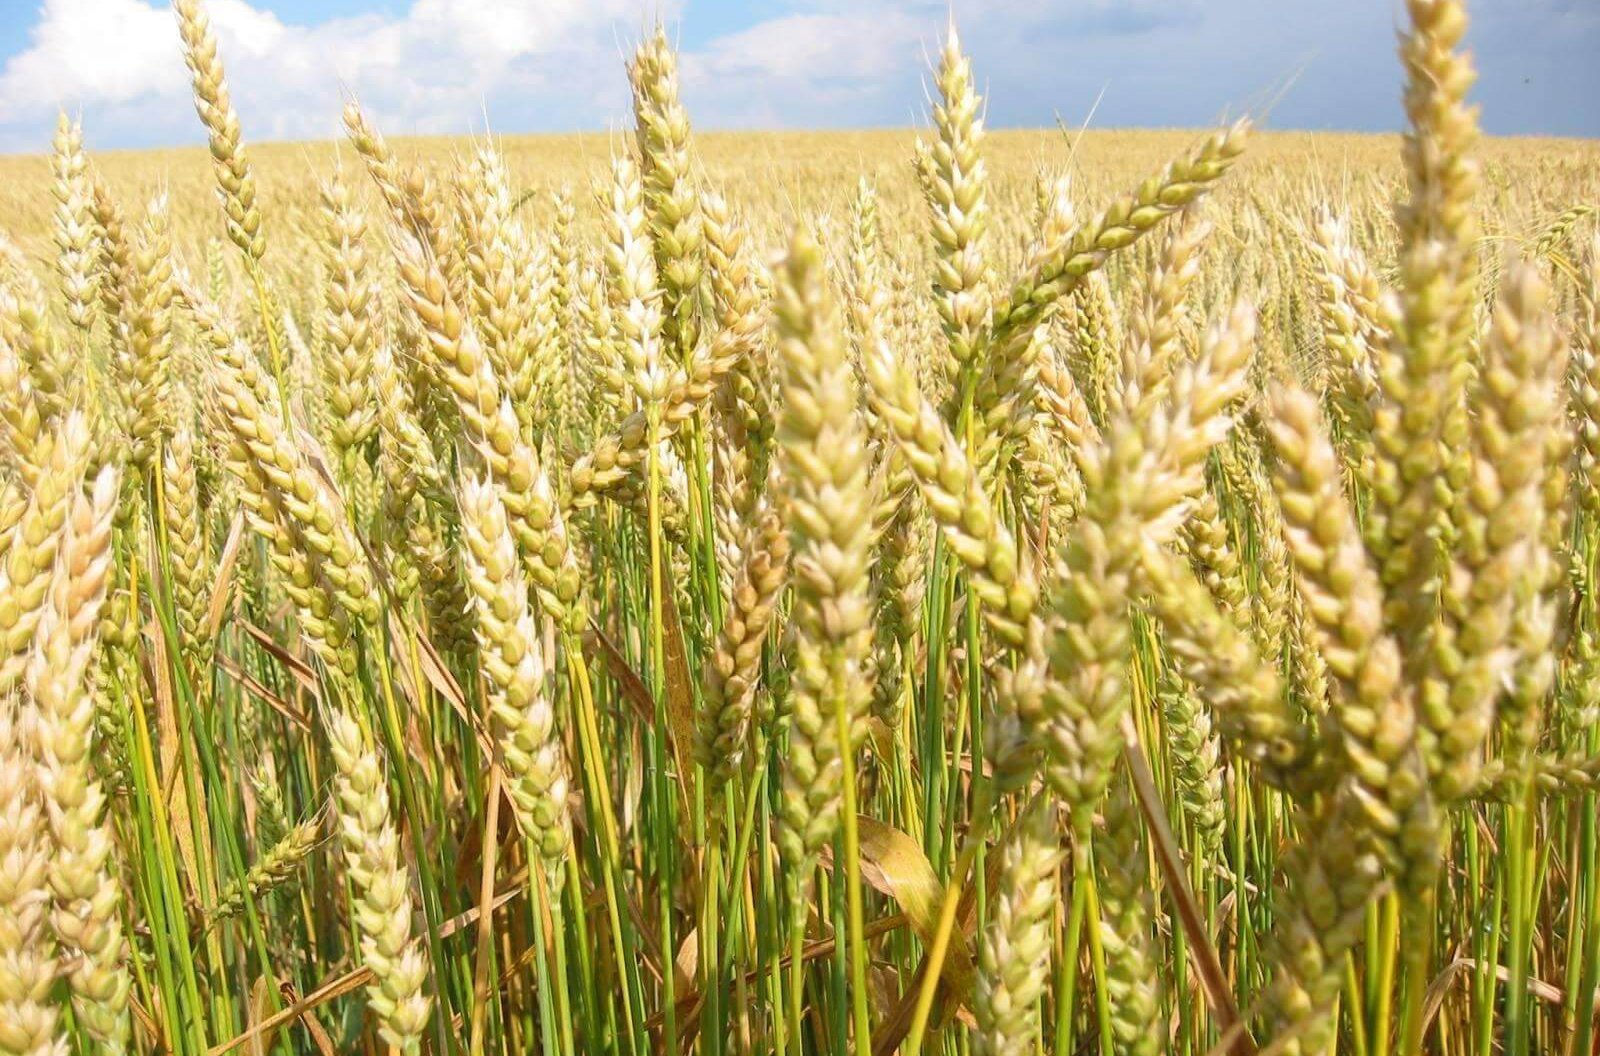 Экспортировать в Европу высокобелковую пшеницу намерены костанайцы, экспорт, Пшеницу, Костанай